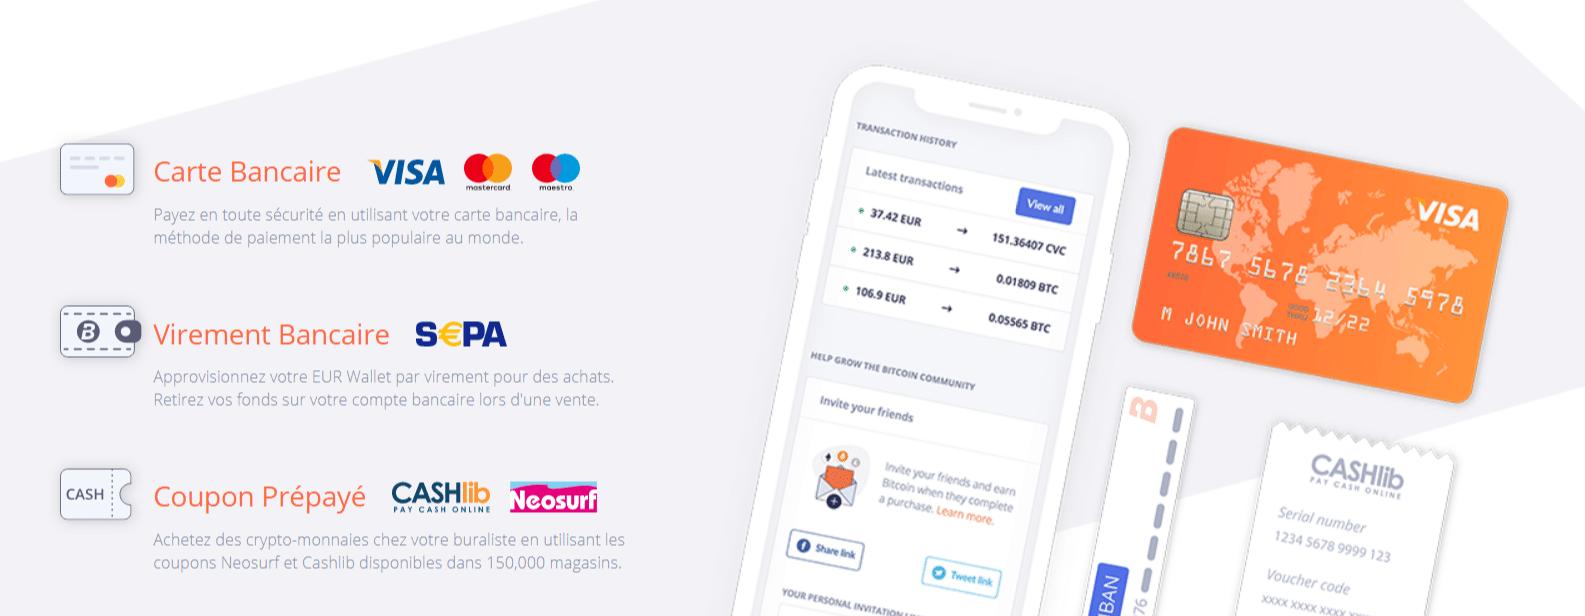 L'achat de Bitcoin sur Bitit est possible via CB, Virement bancaire et coupon prépayé